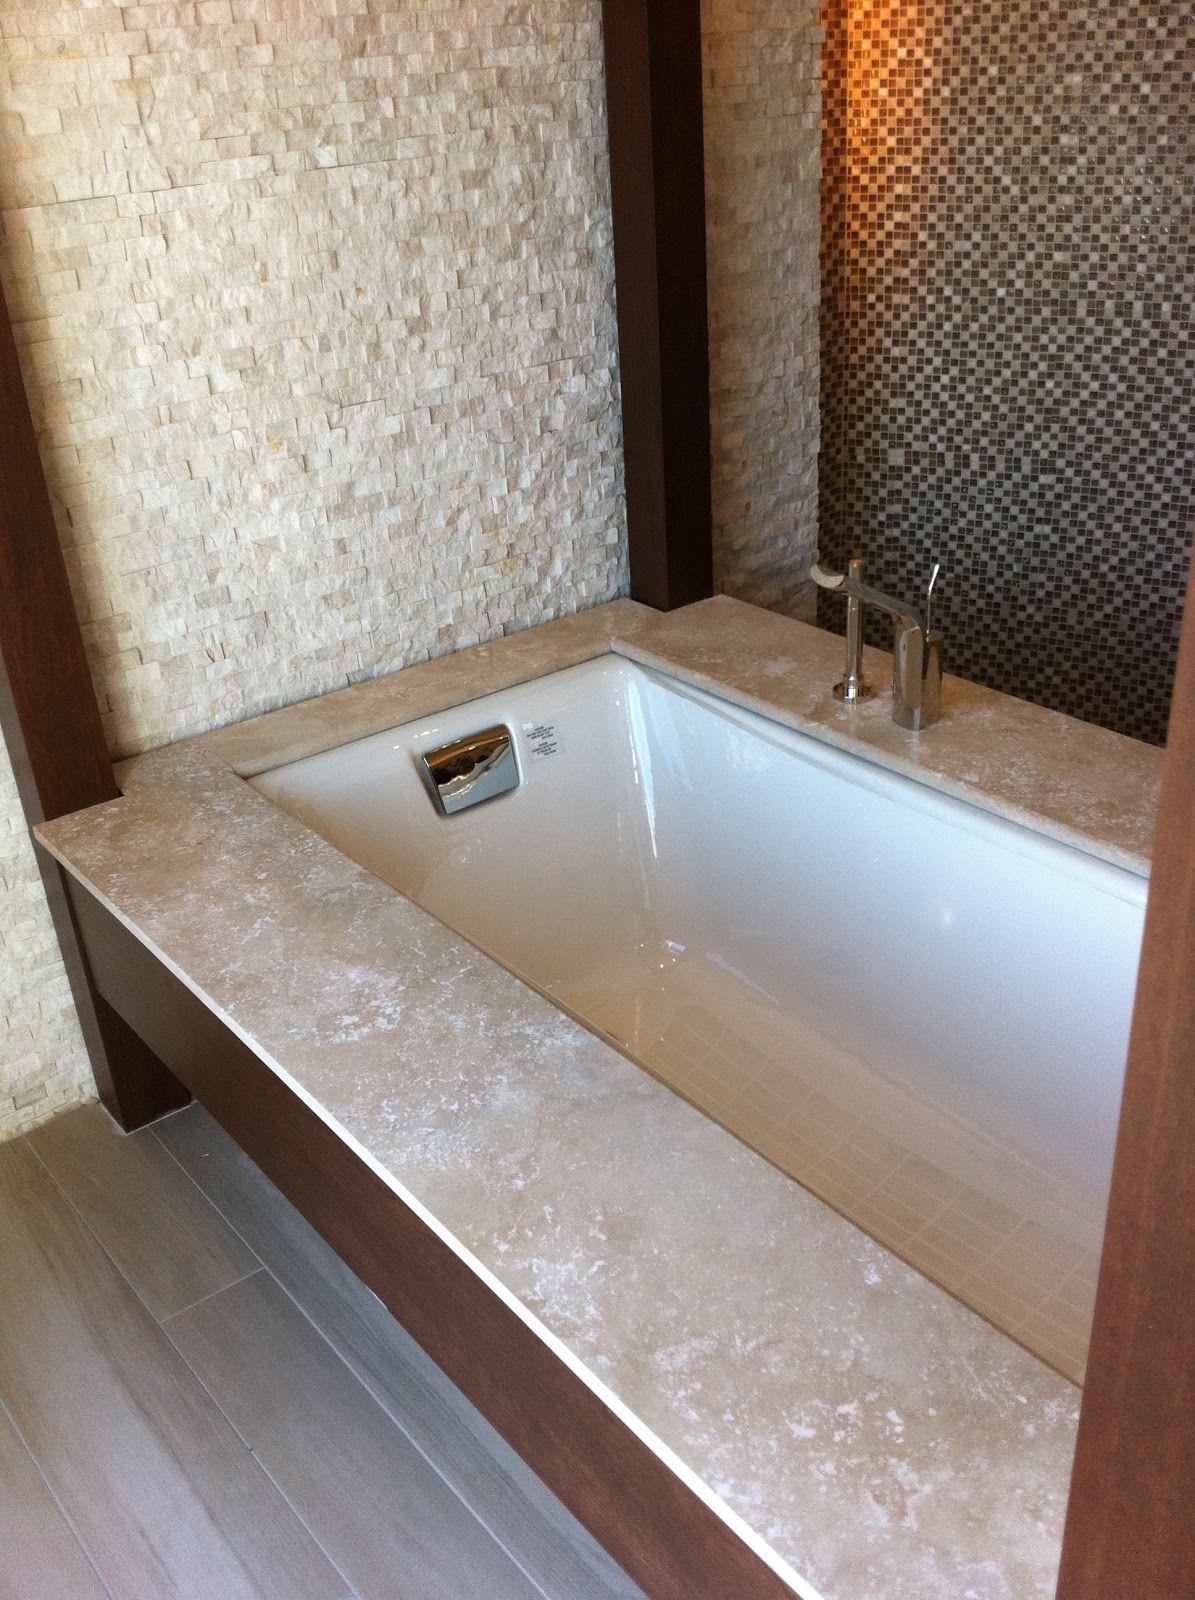 terrific oval bathroom sinks image-Amazing Oval Bathroom Sinks Decoration